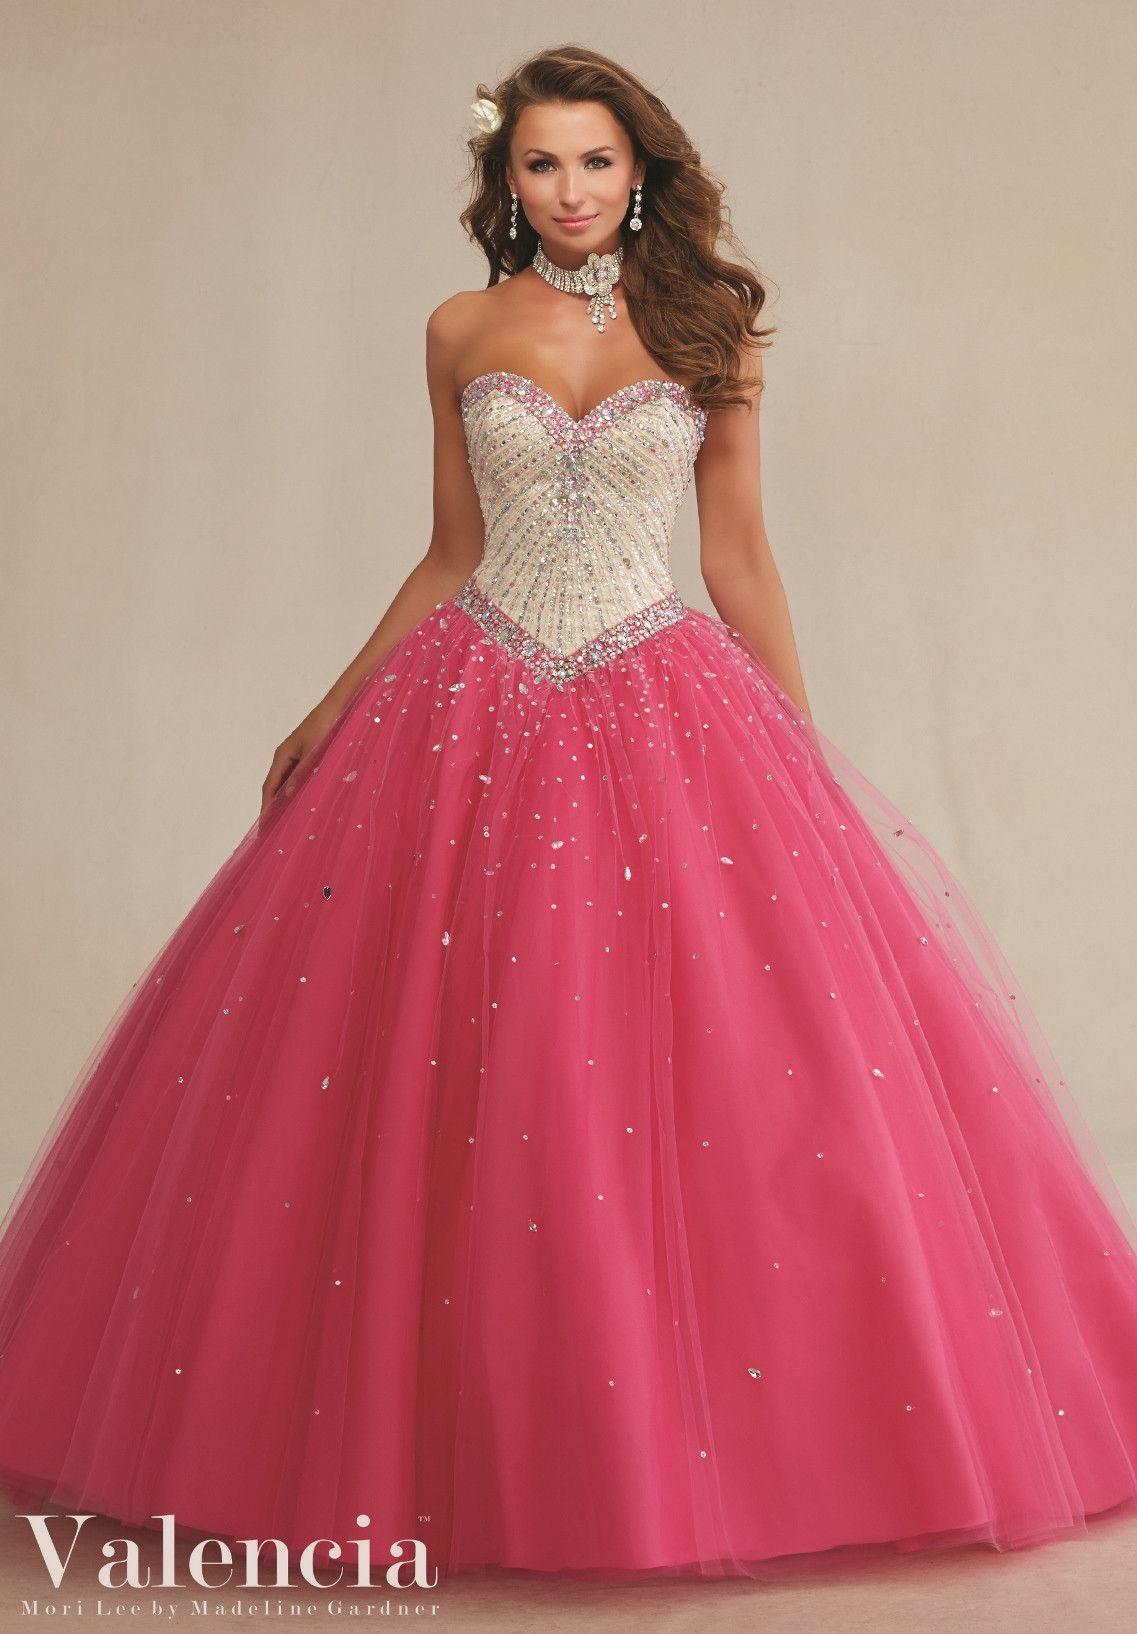 Mori Lee Valencia Quinceanera Dress 89083   Vestiditos, Vestidos de ...